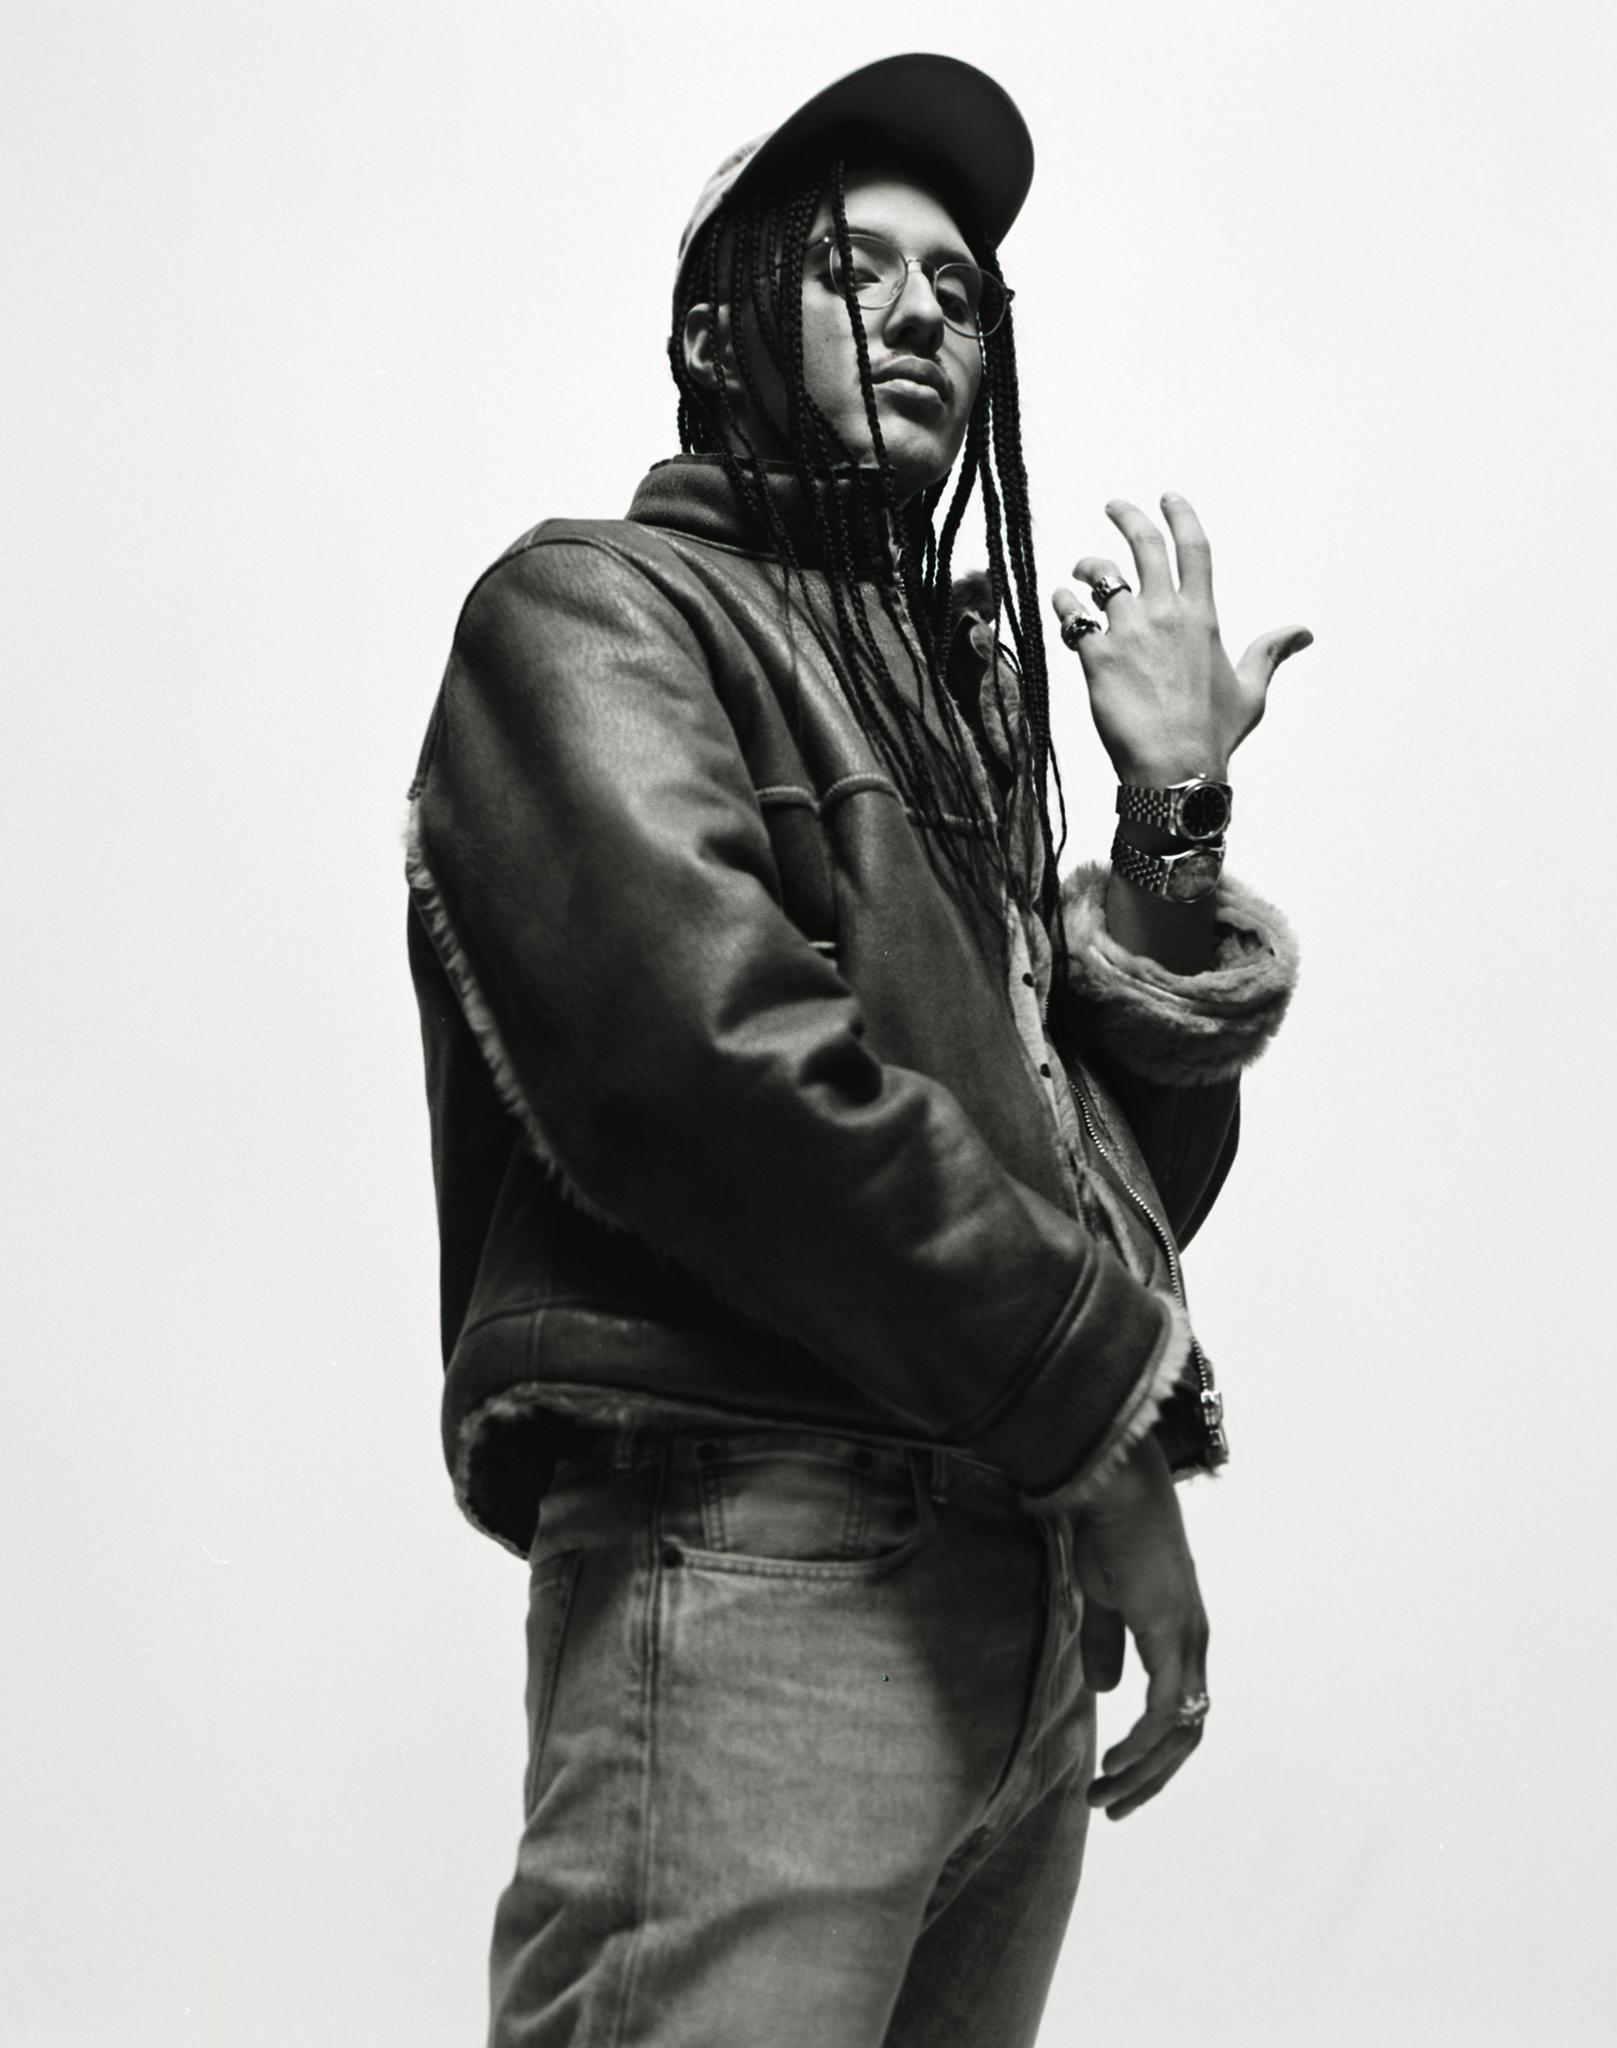 Rap Necomer Wenn Vollstandig Erwachsene Rin Horen Verstehen Sie